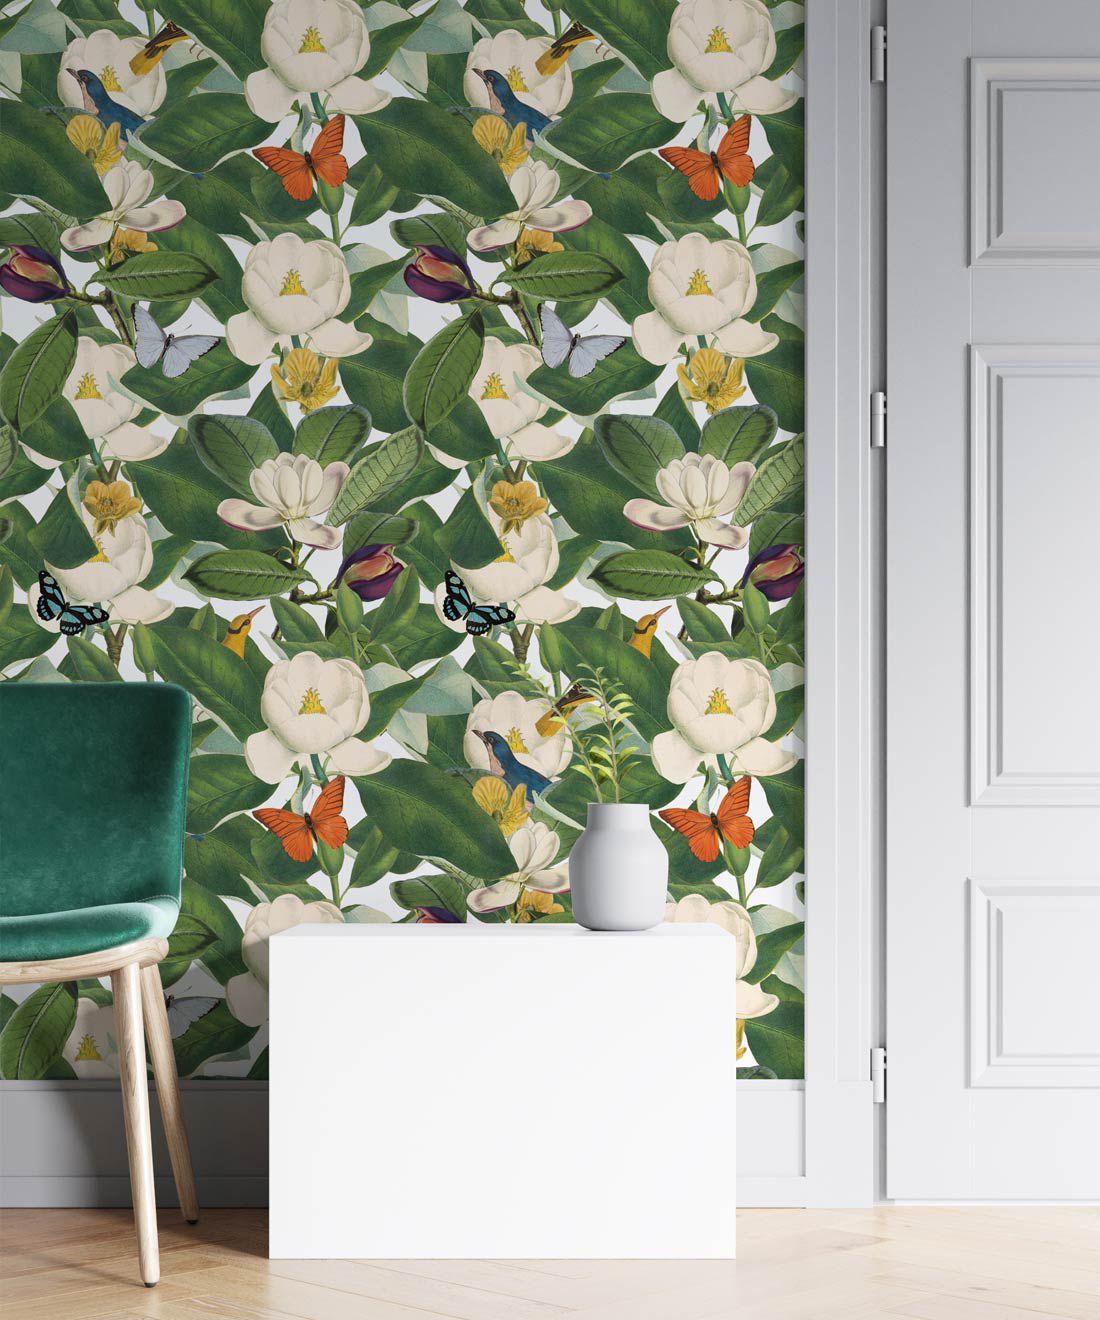 Magnolia Bloom Wallpaper • Floral White Magnolias •Insitu